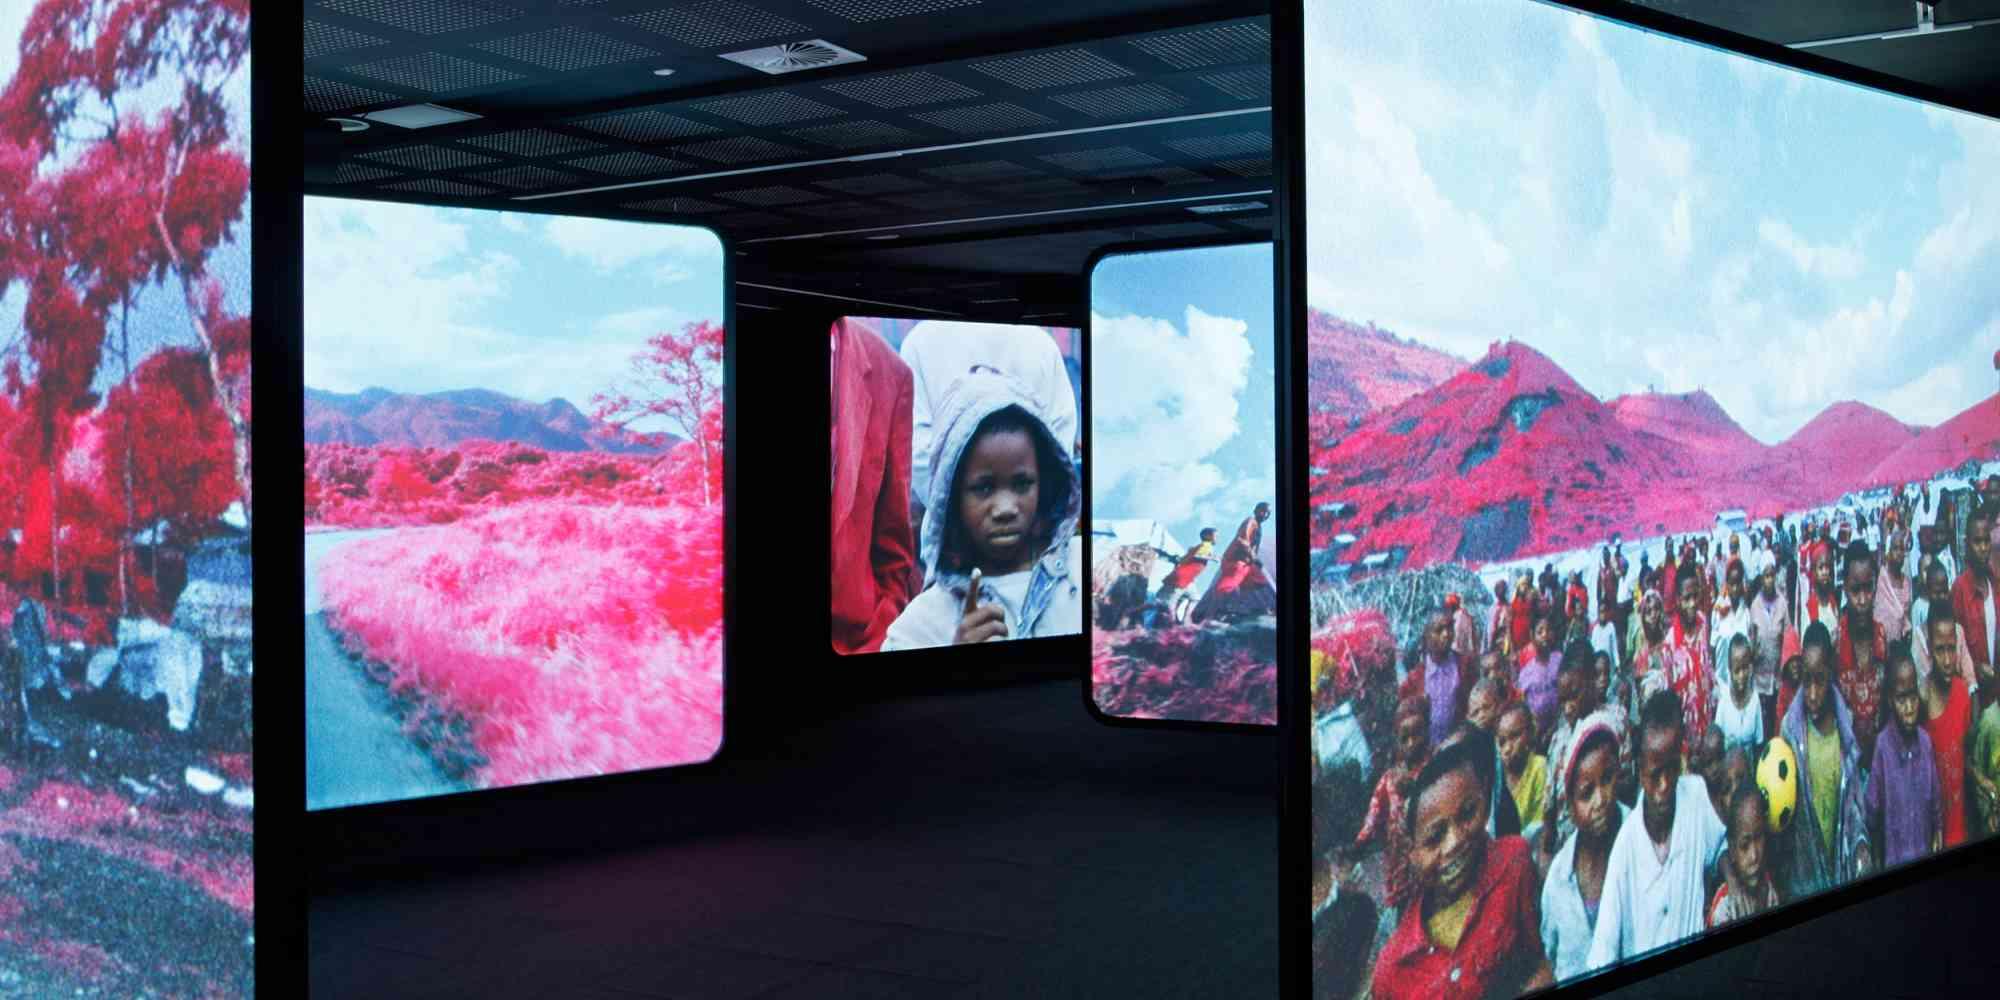 Richard Moss, The Enclave, 2013, installazione video a 6 canali Klm in infrarosso 16mm trasferito su video HD, 39' 25'', courtesy l'artista e Jack Shainman Gallery, New York